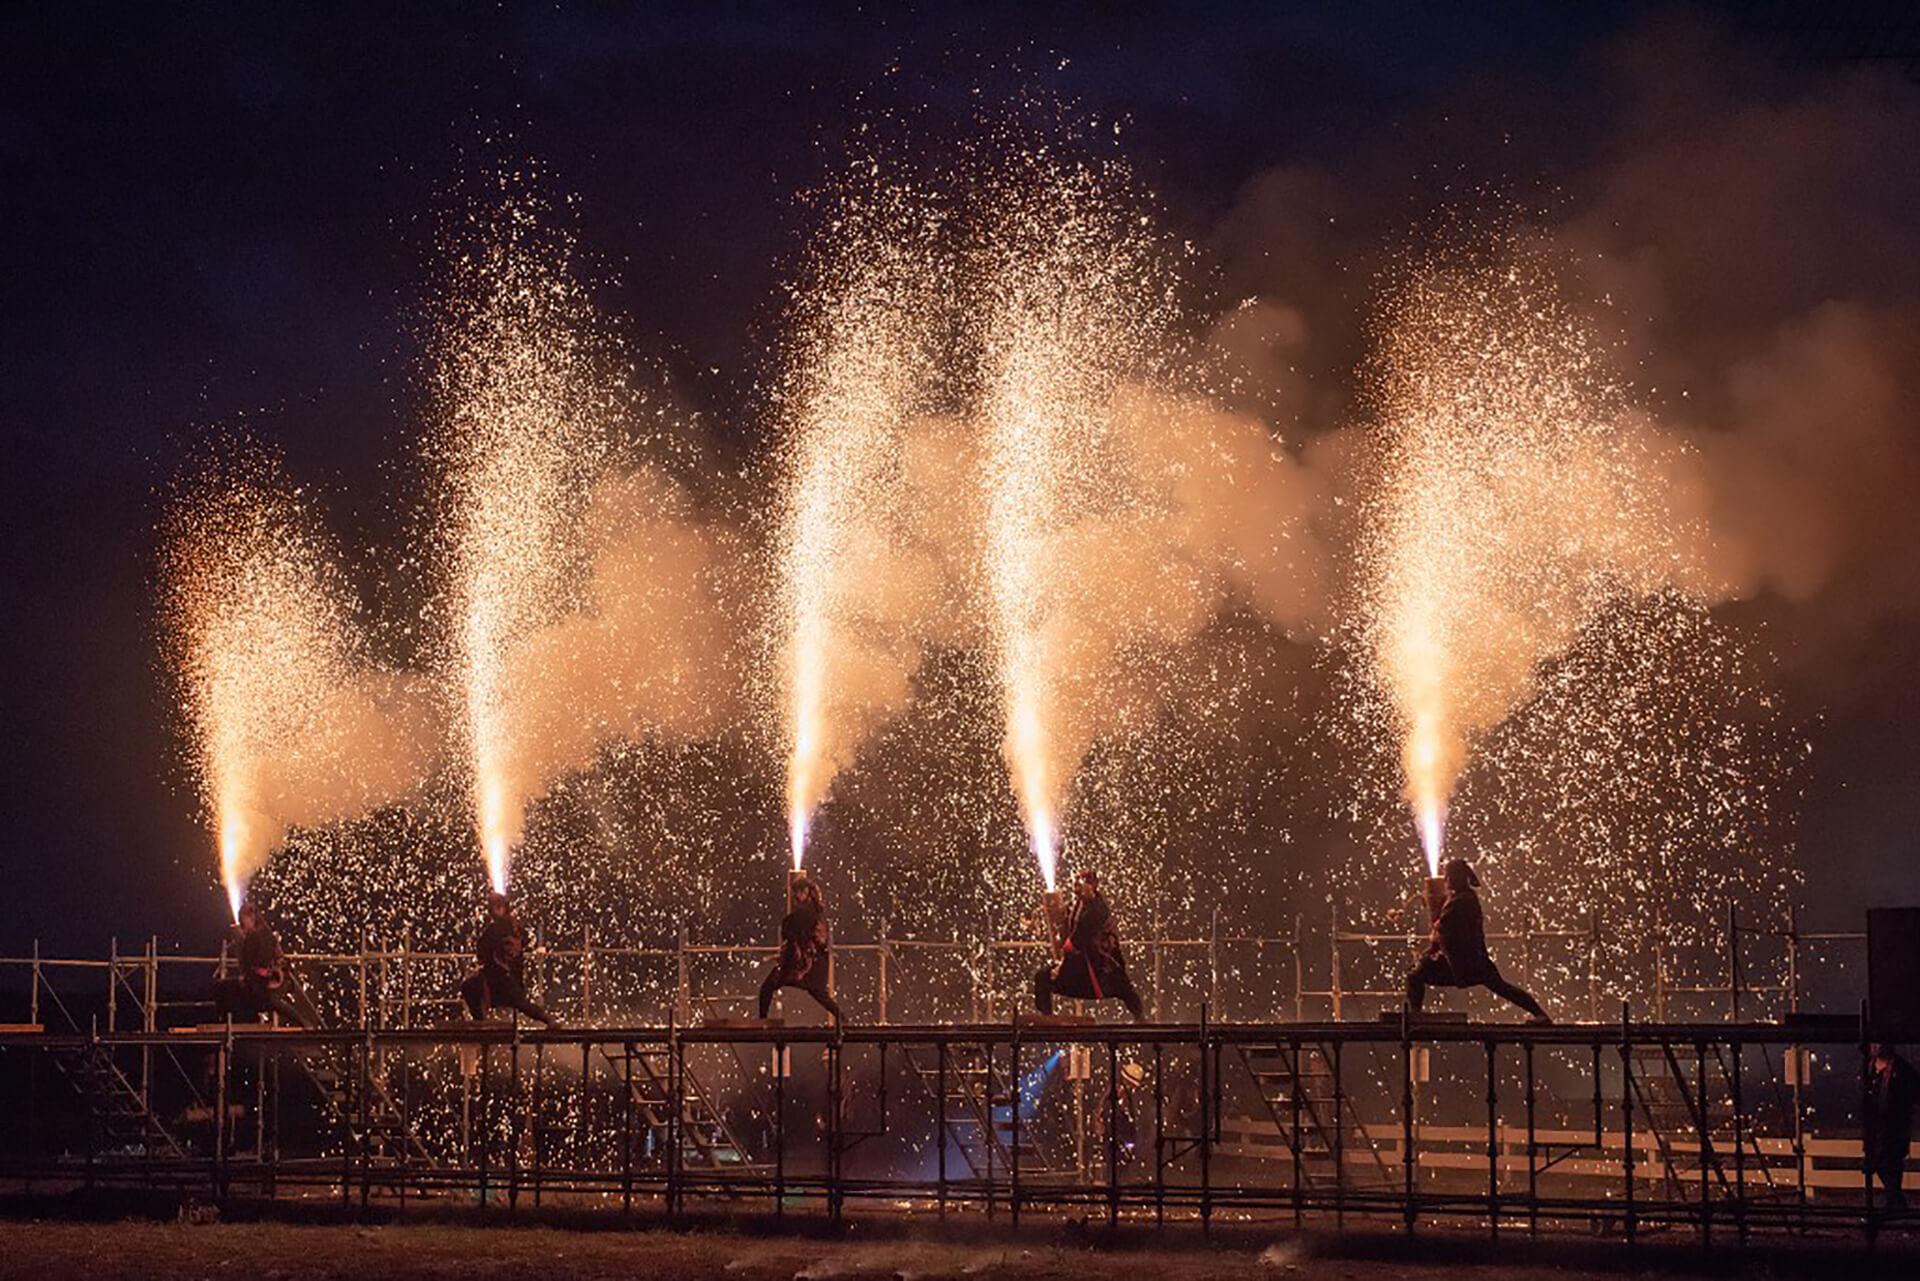 この写真は、佐倉花火フェスタ2019の大迫力の手筒花火の様子